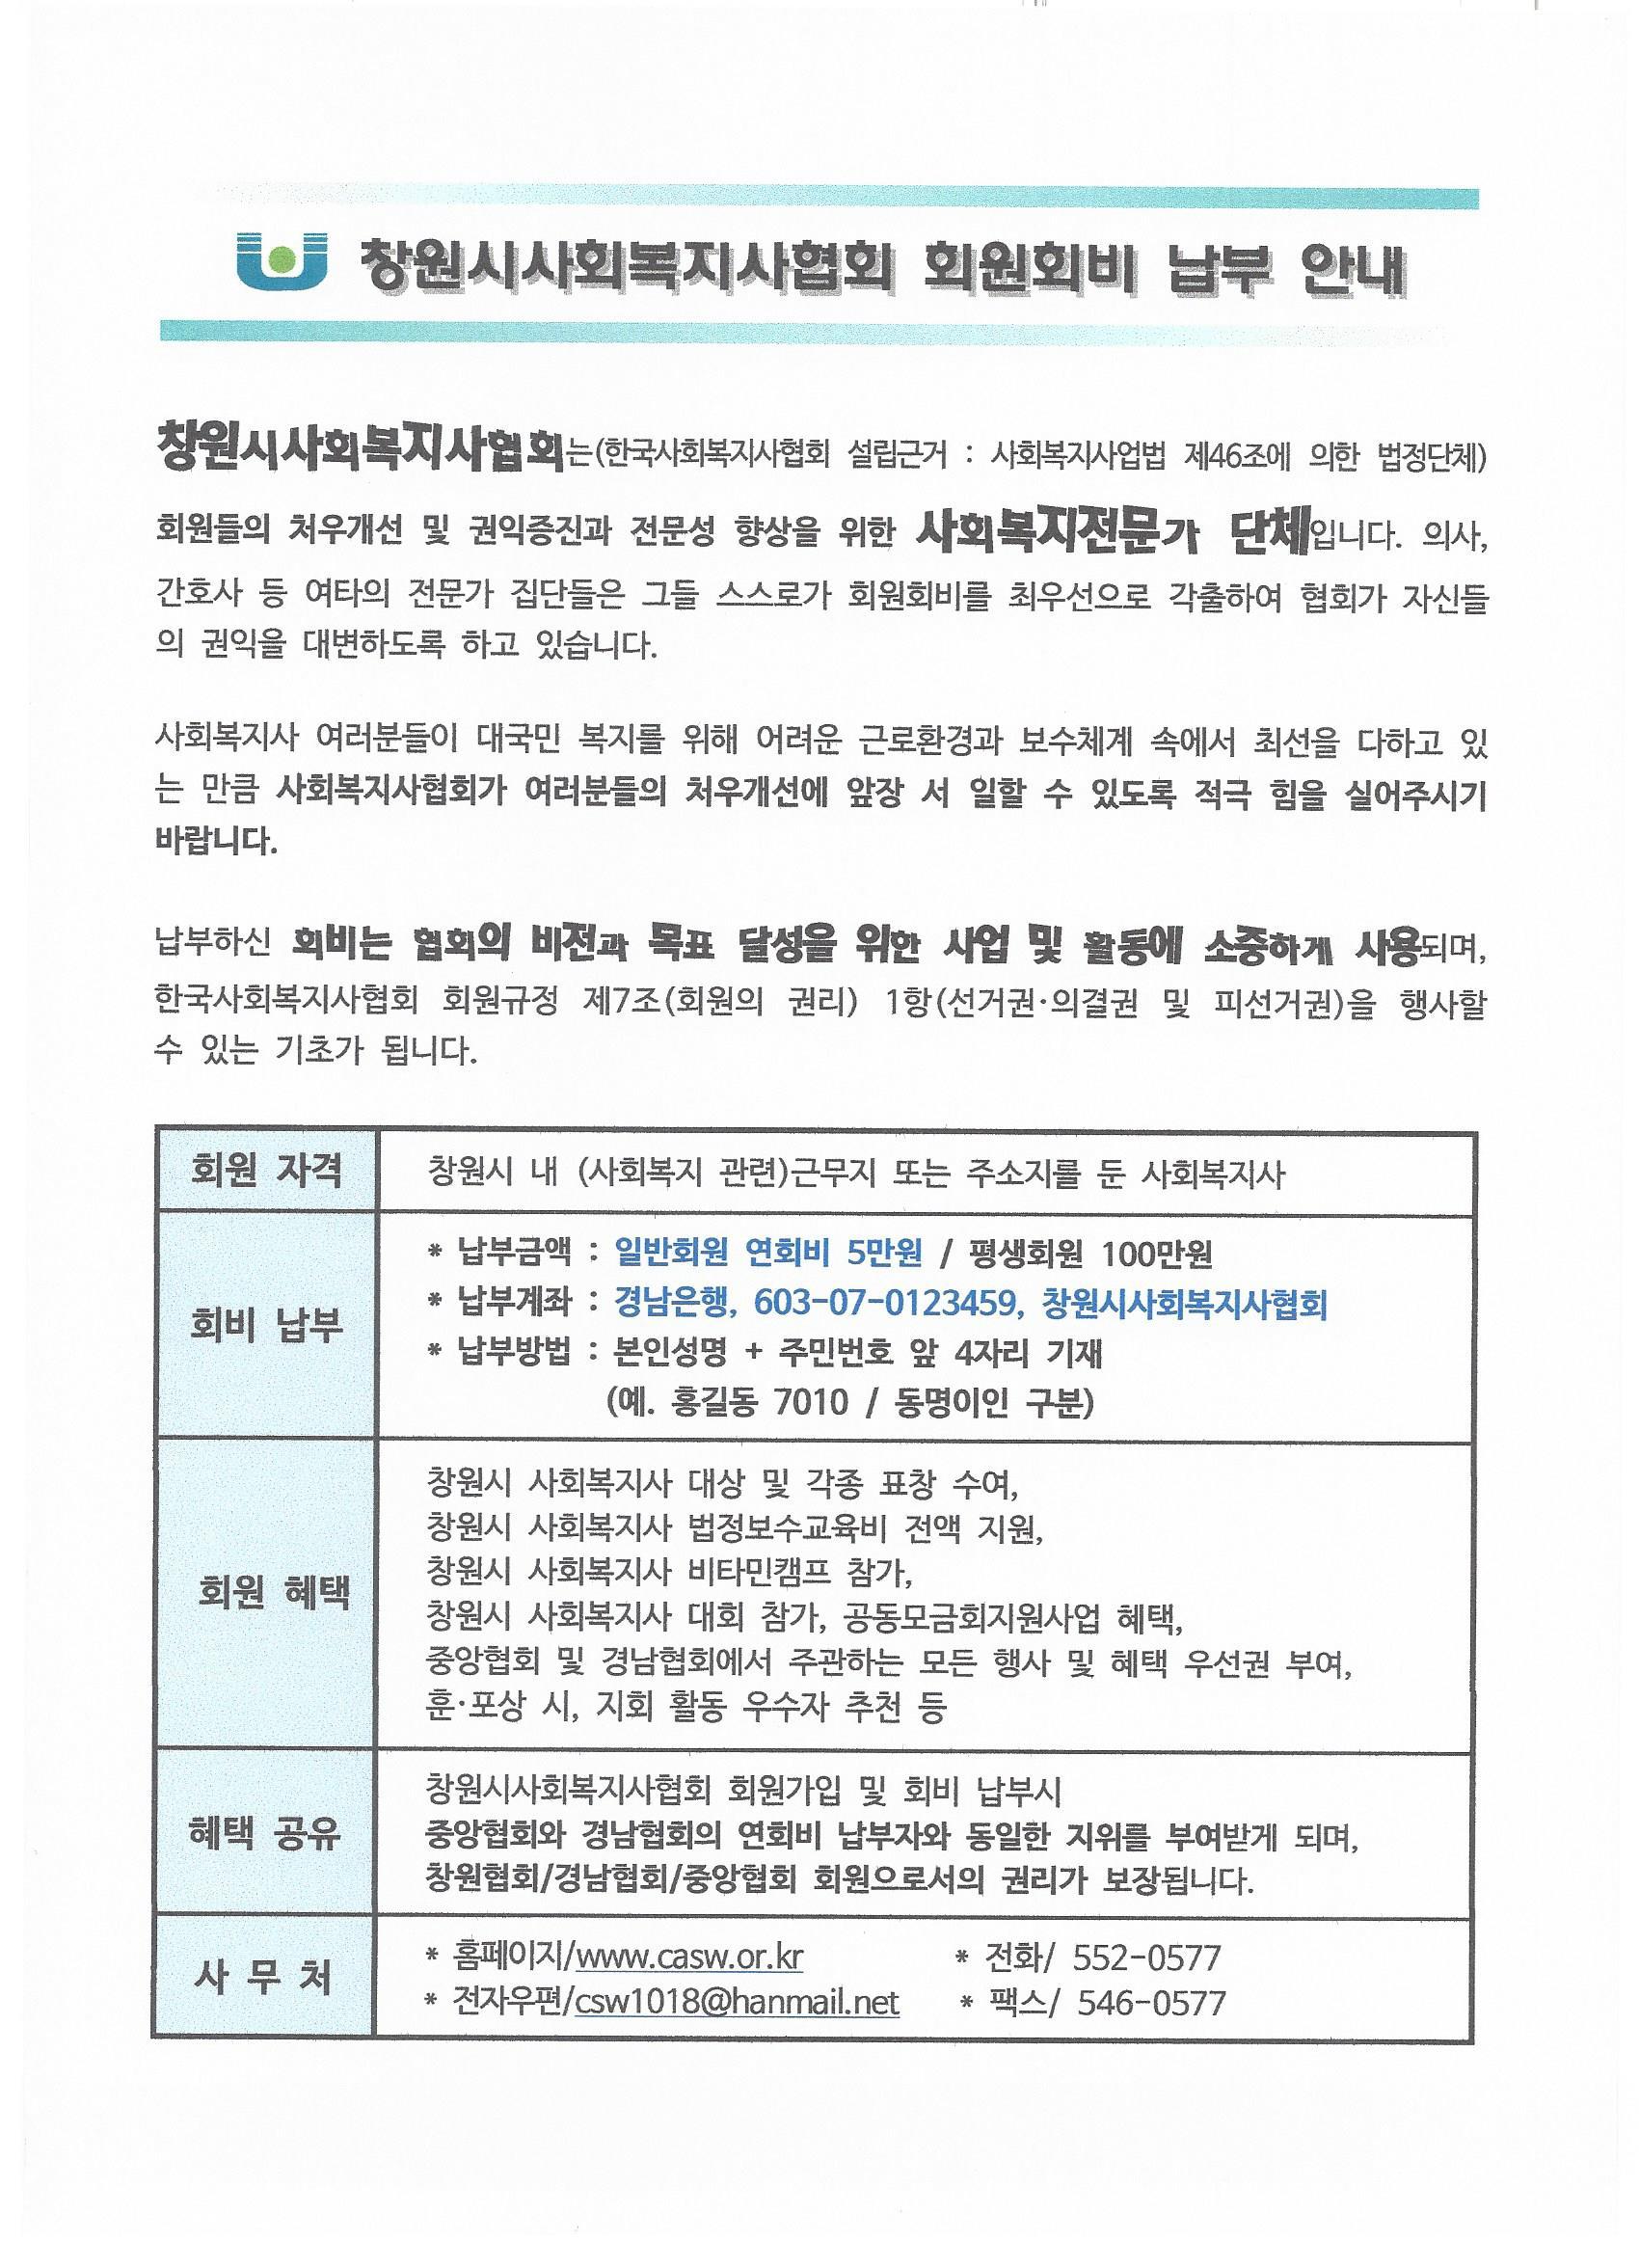 창사협 회원회비 납부 안내0002.jpg